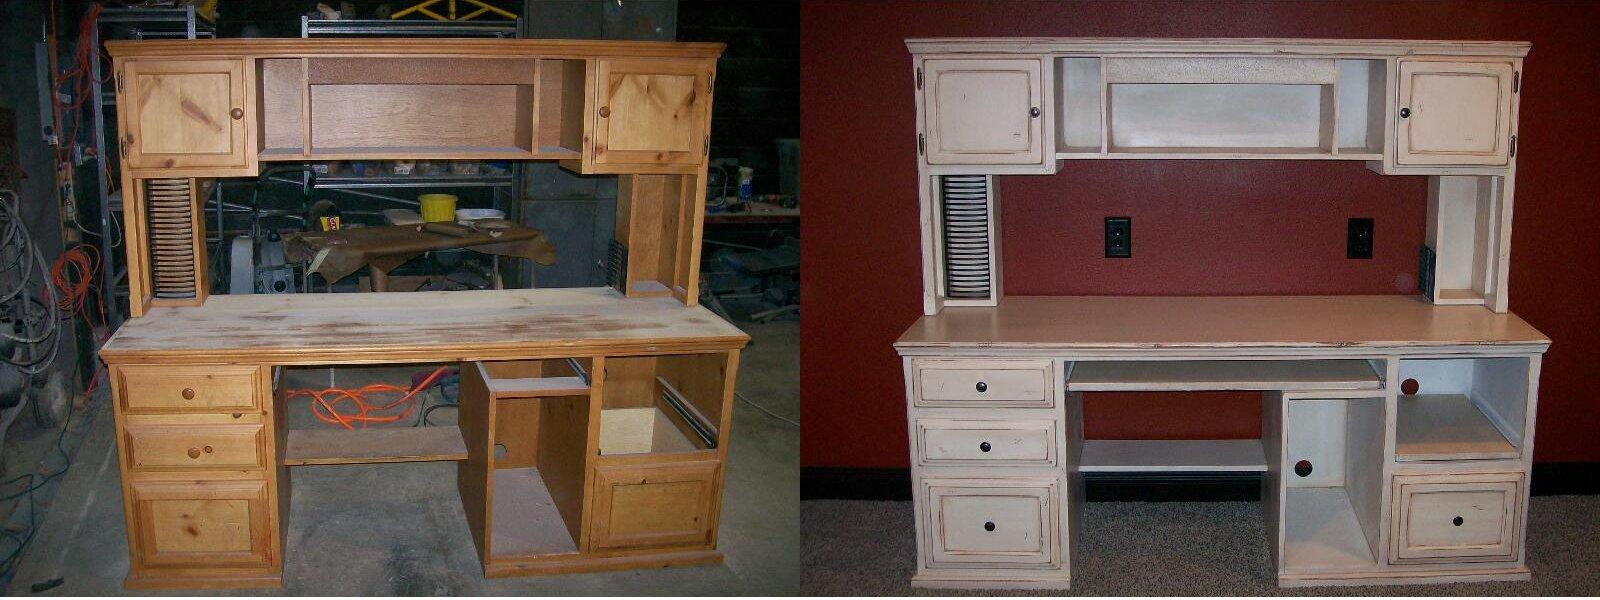 Реставрация мебели своими руками до и после